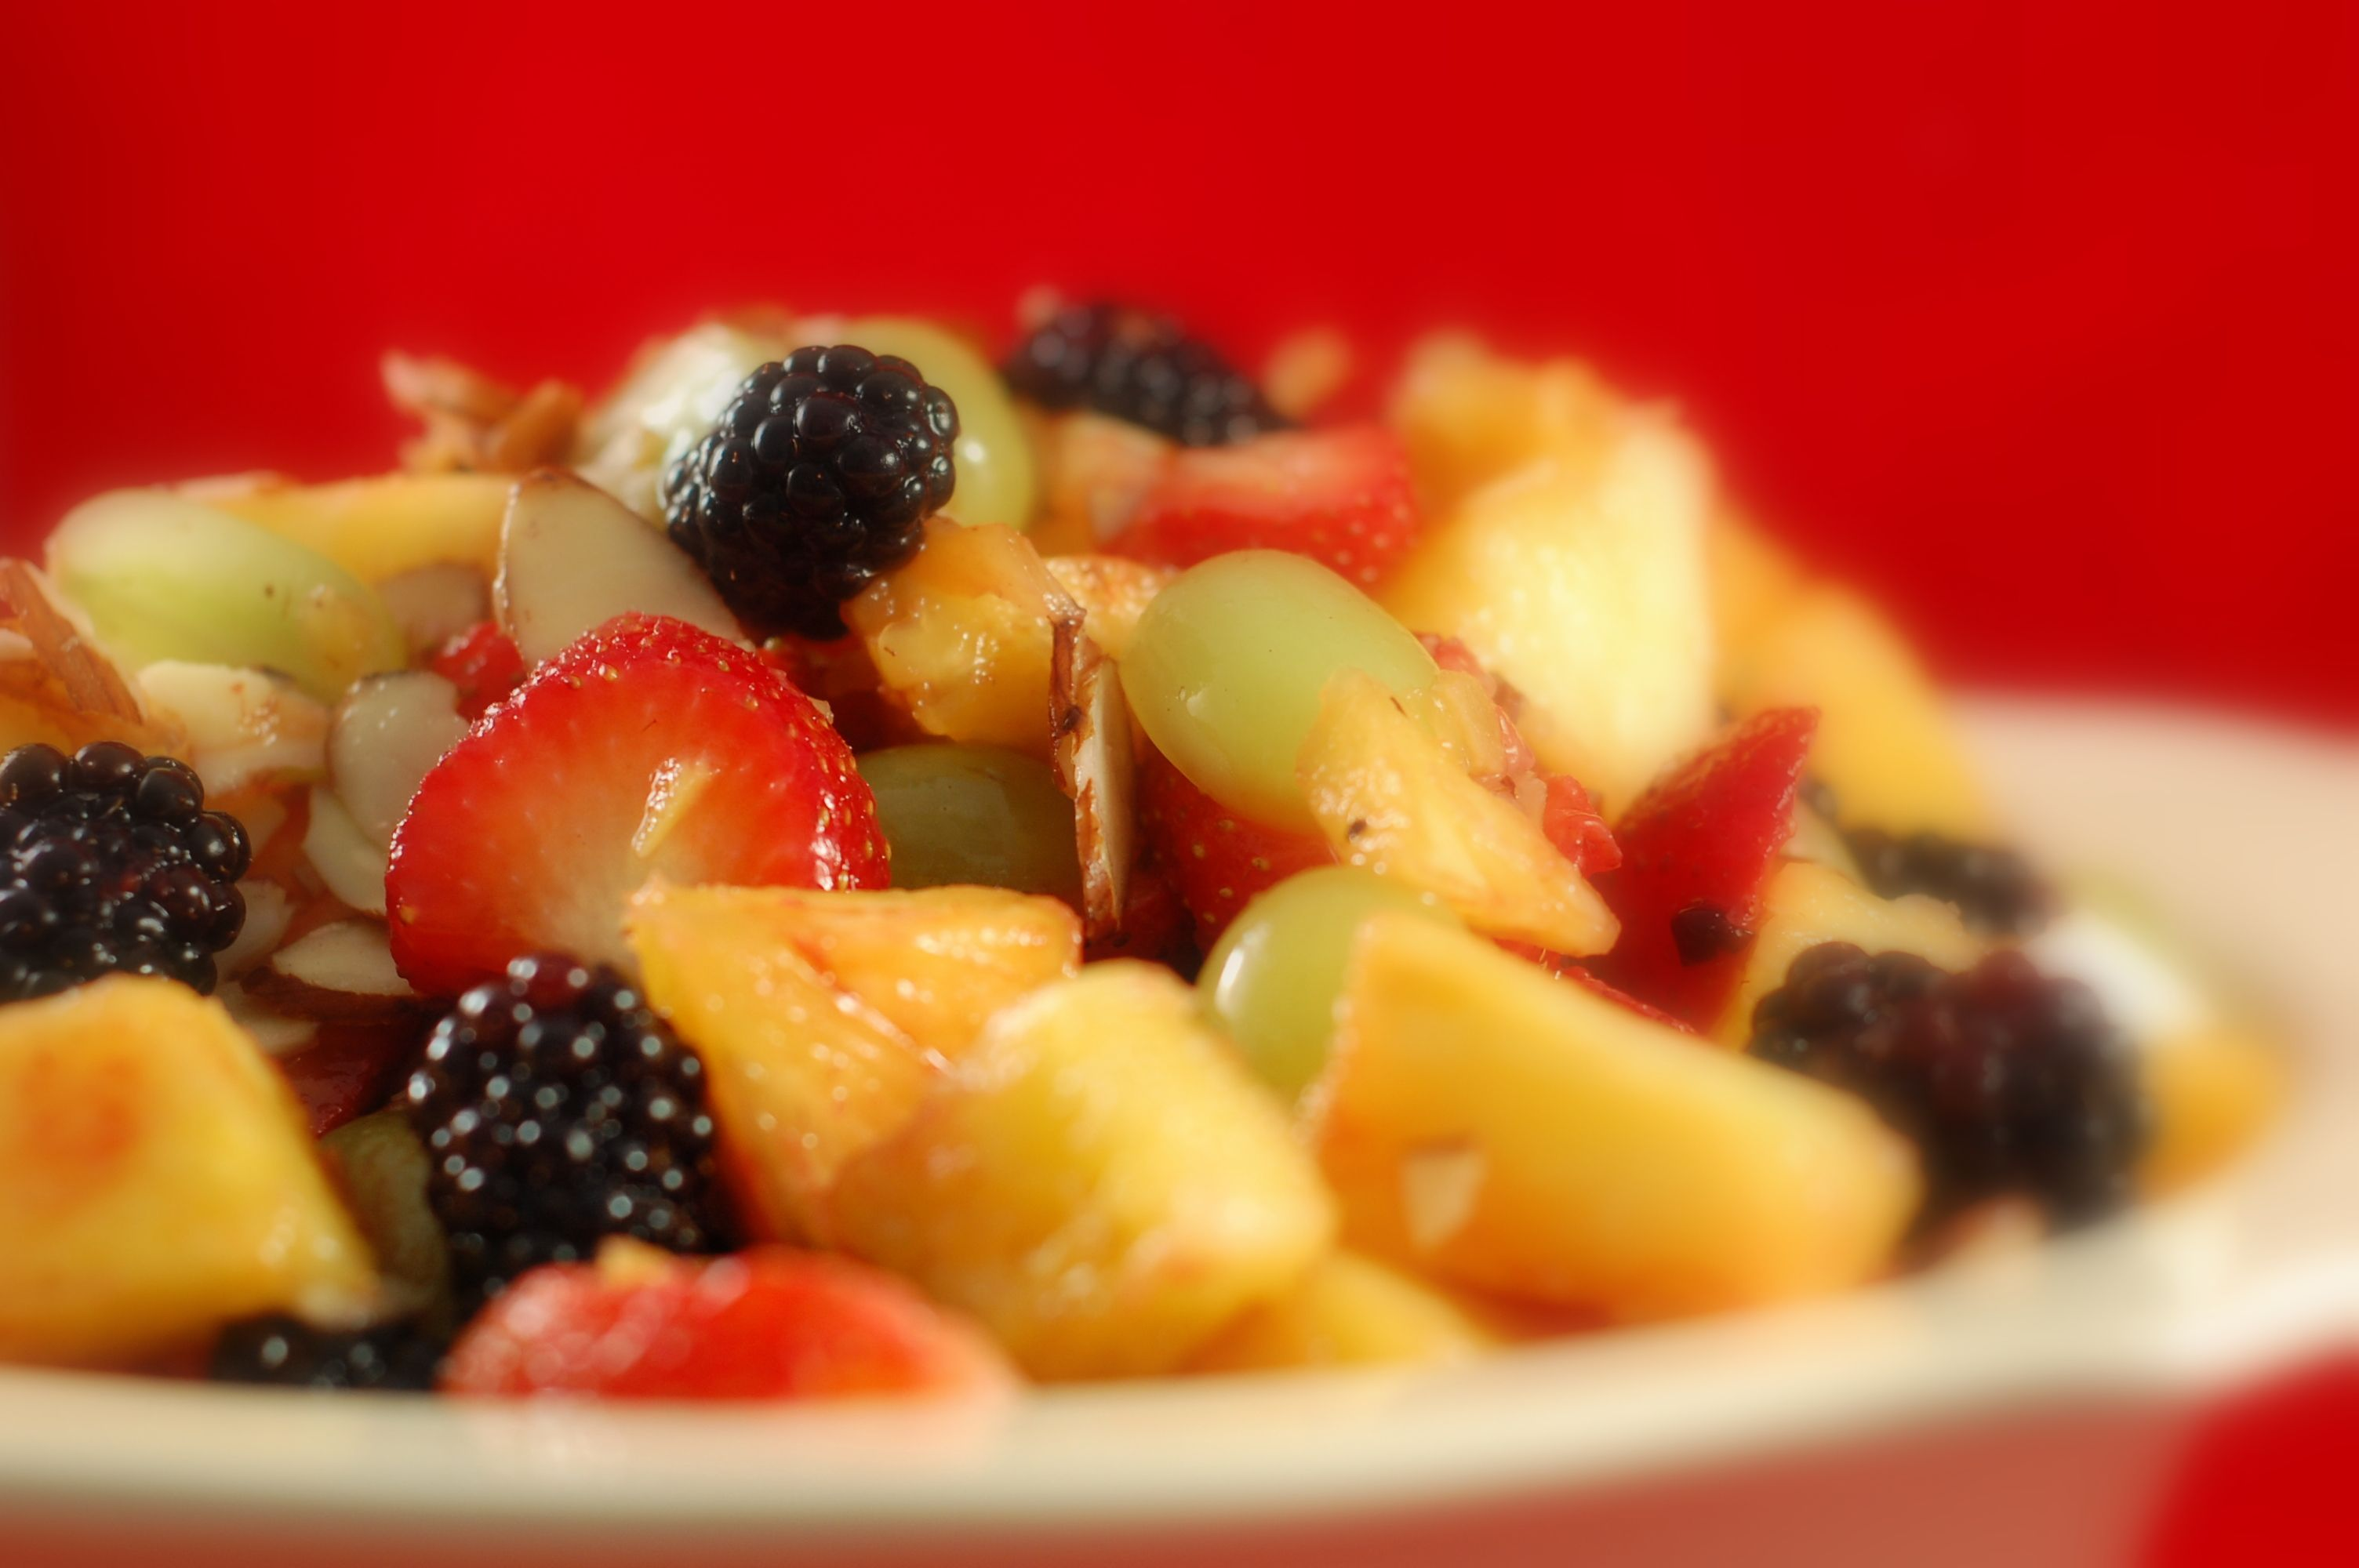 Salada de Fruta com espumante e gelado de baunilha | Fruit salad with sparkling wine and vanilla ice-cream